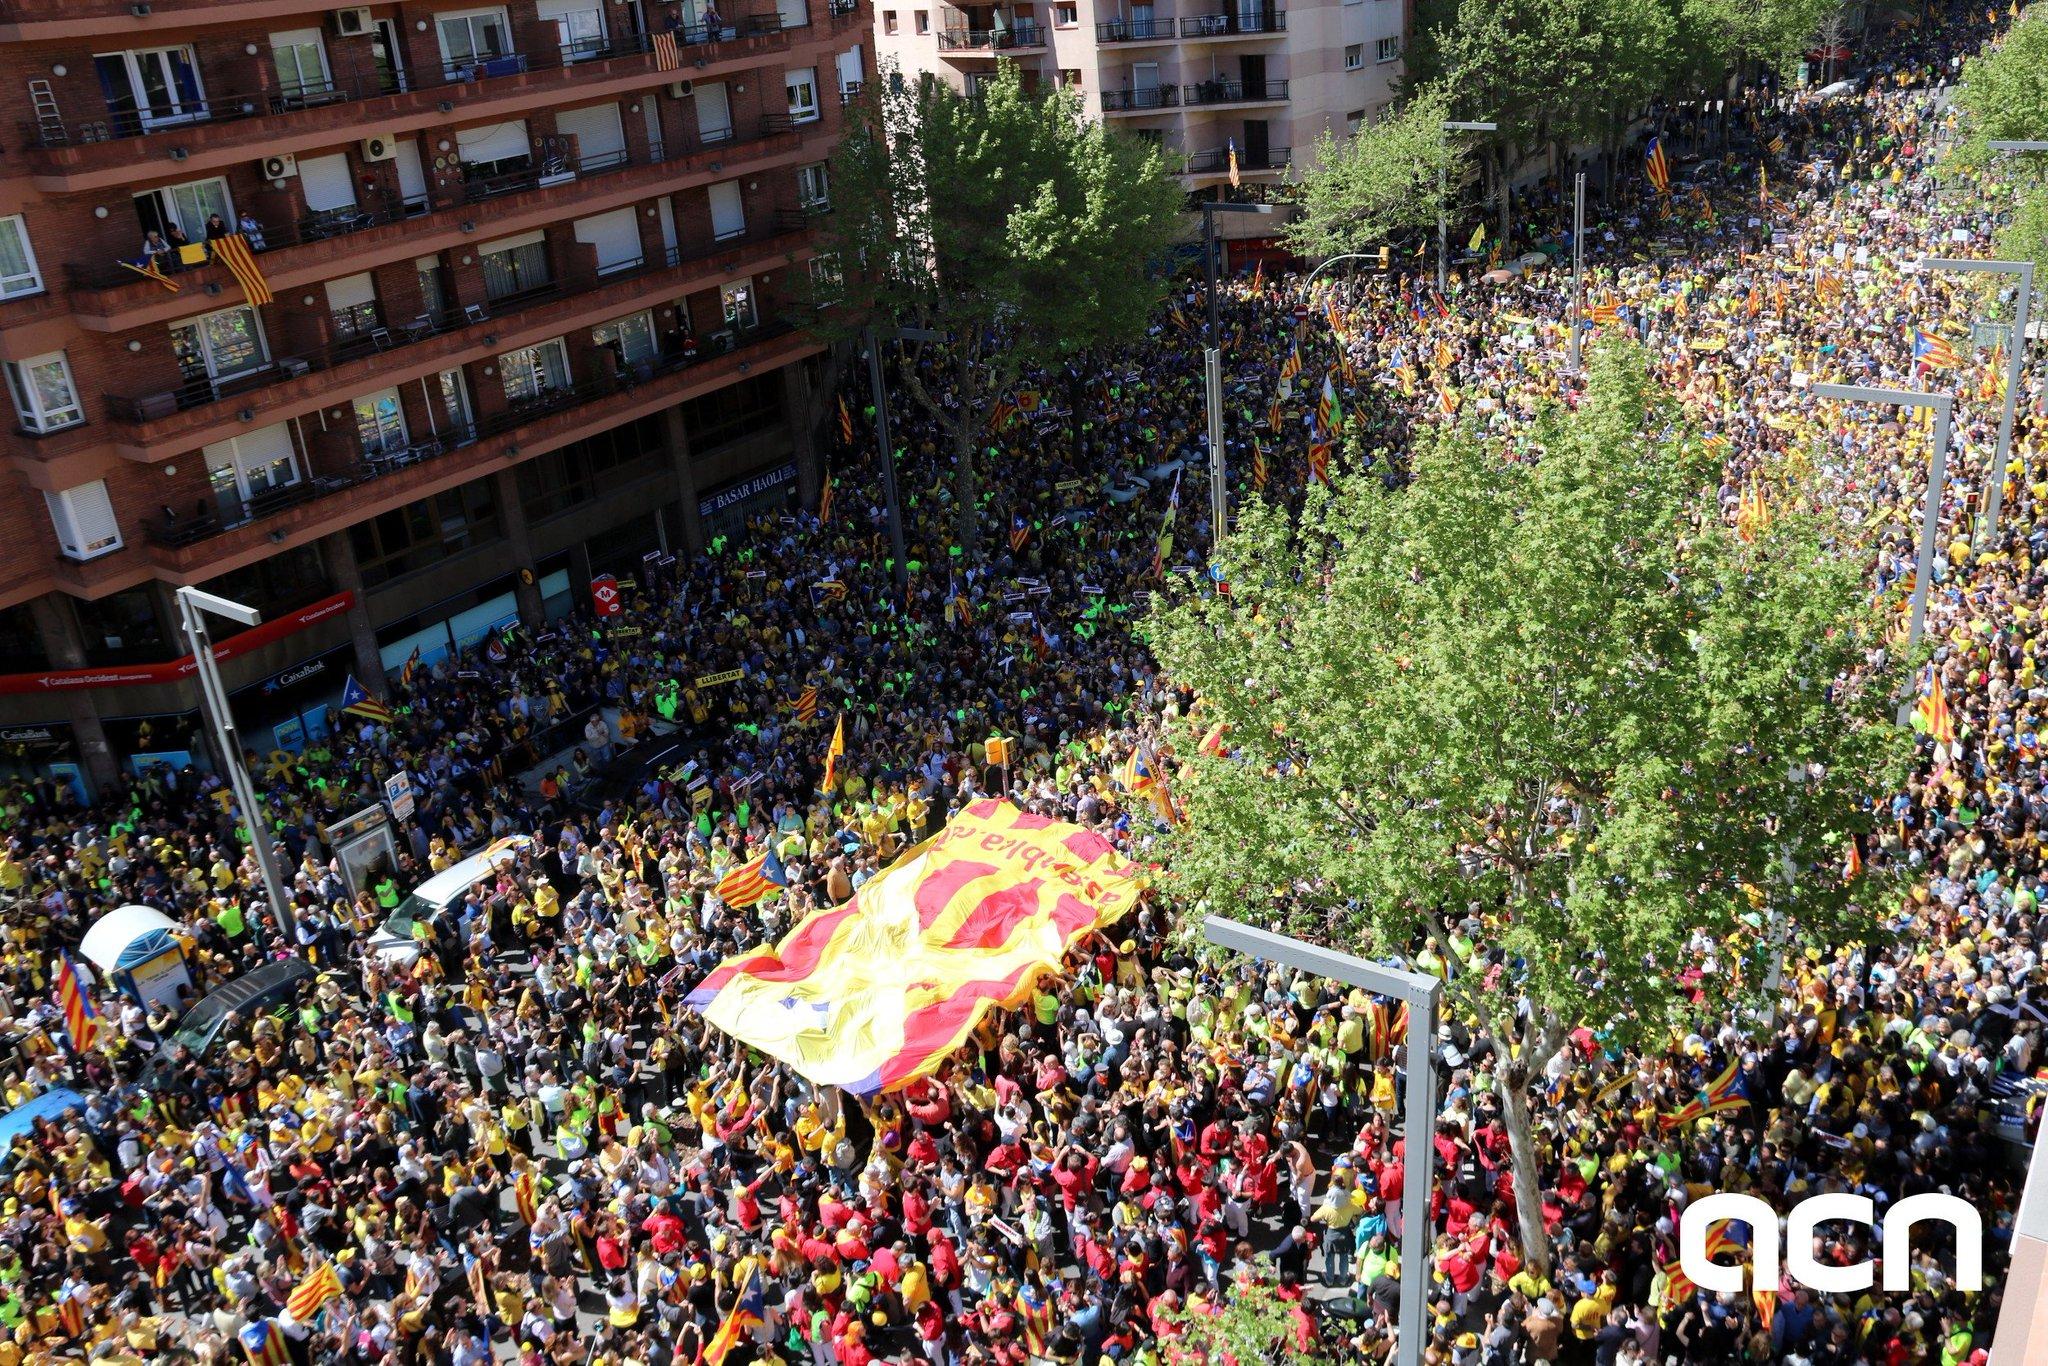 Catalan News on Twitter